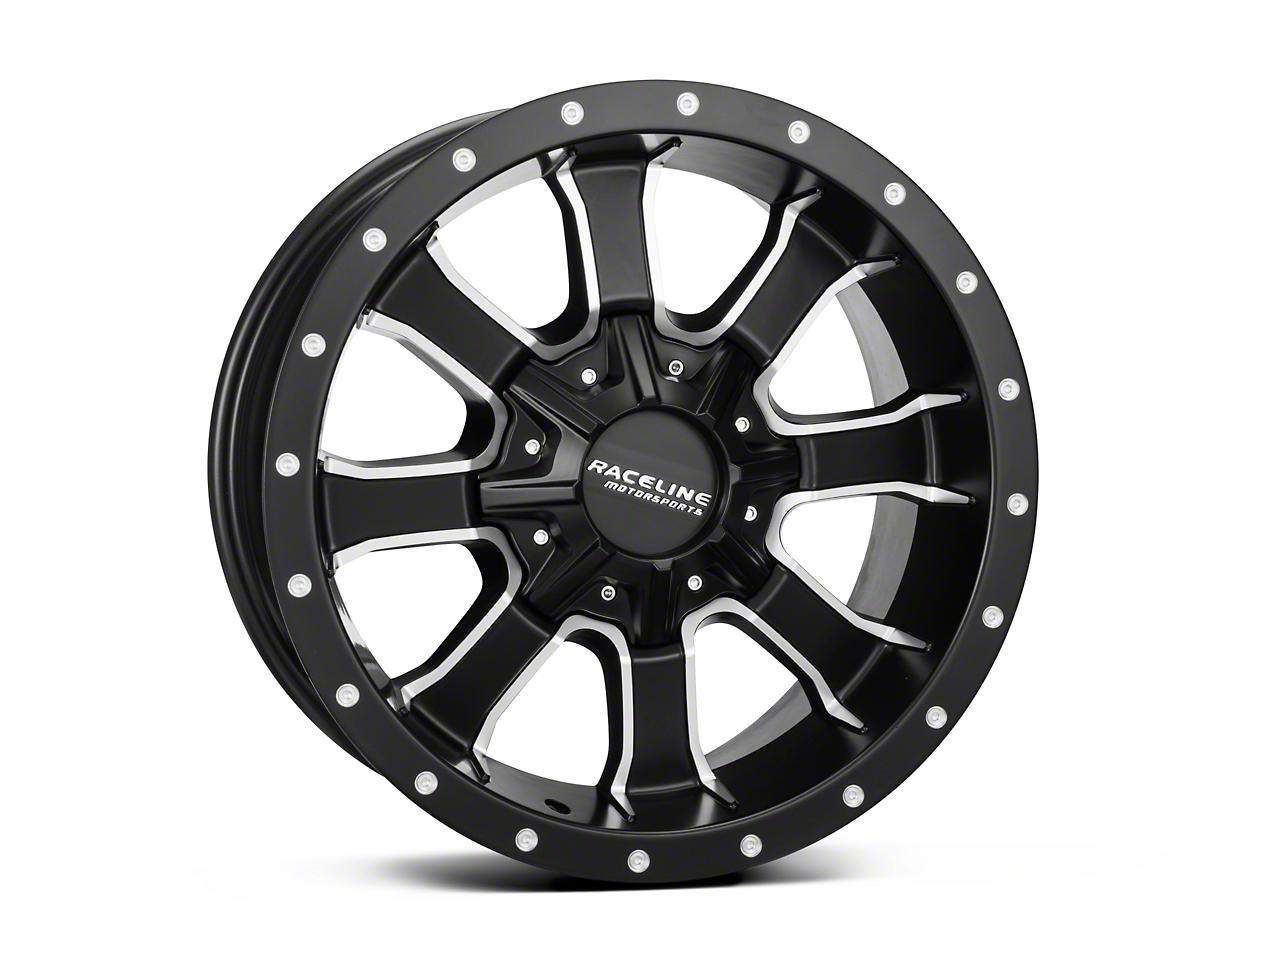 Raceline Mamba Black Milled 6-Lug Wheel - 18x9 (04-18 F-150)